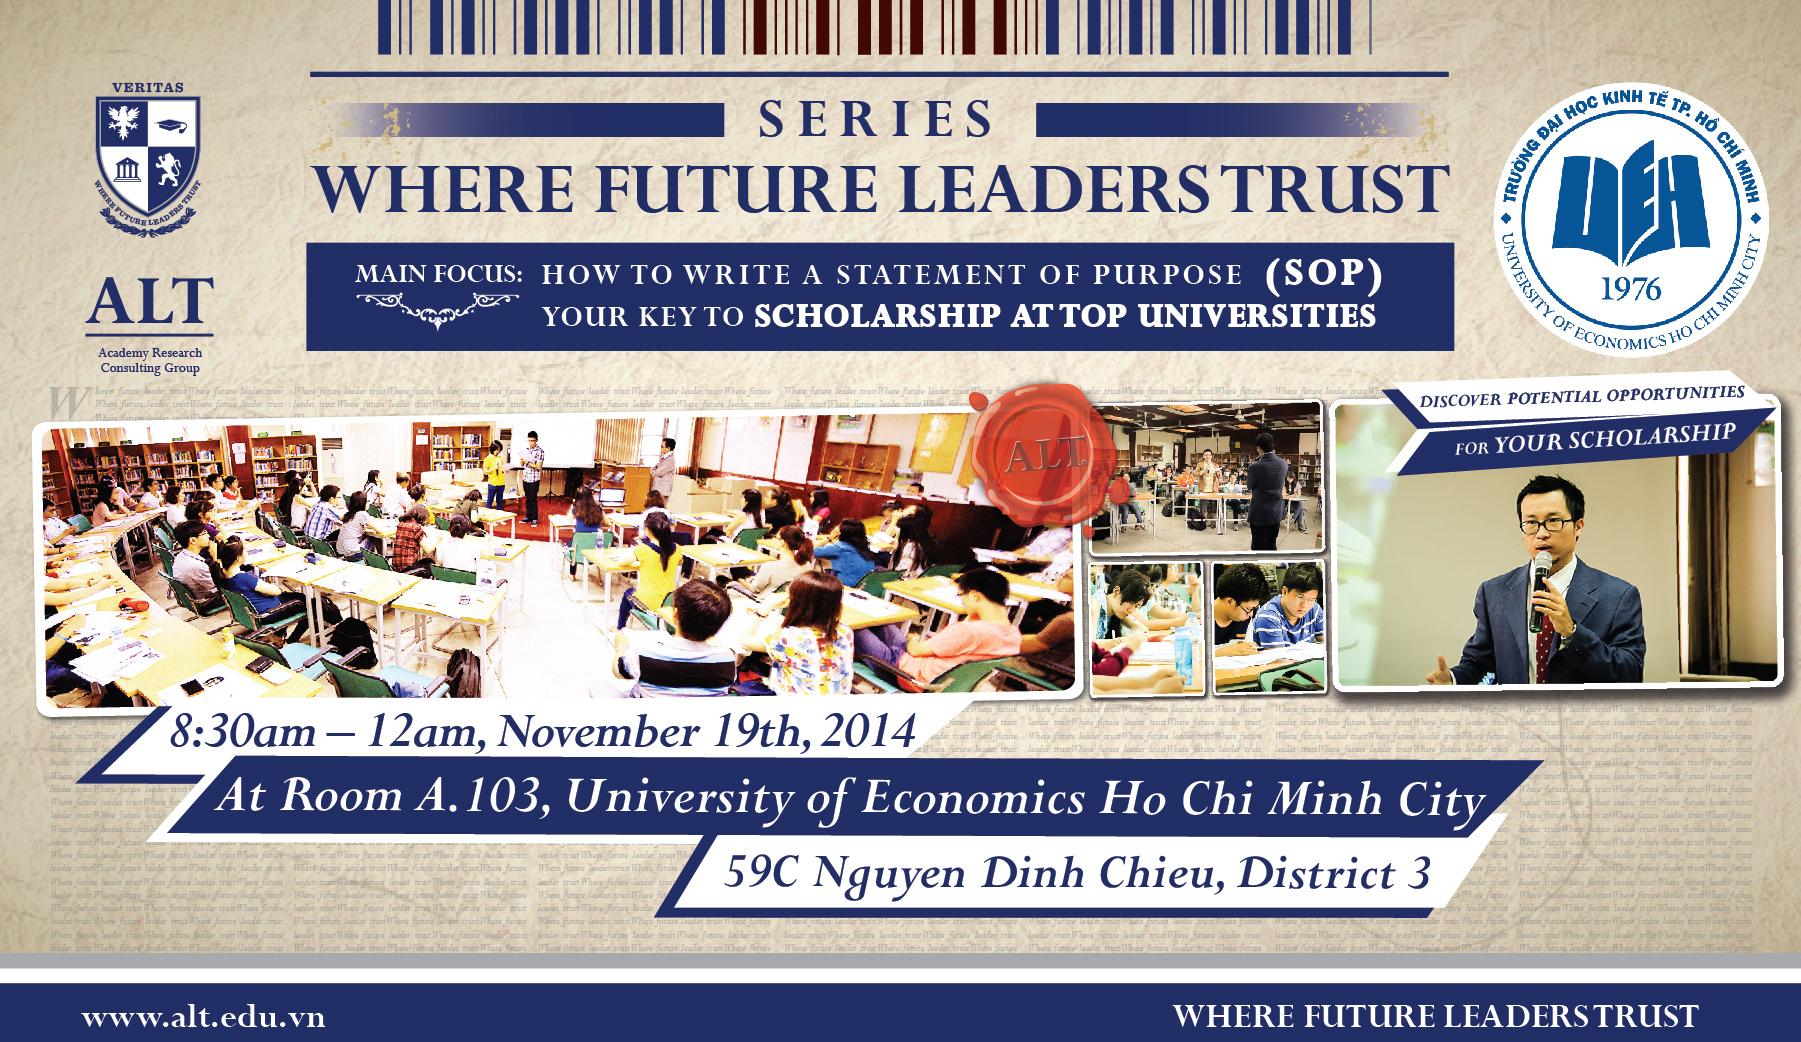 Hội thảo ALT: Hướng dẫn viết luận nâng cao tại trường đại học Kinh Tế TP HCM